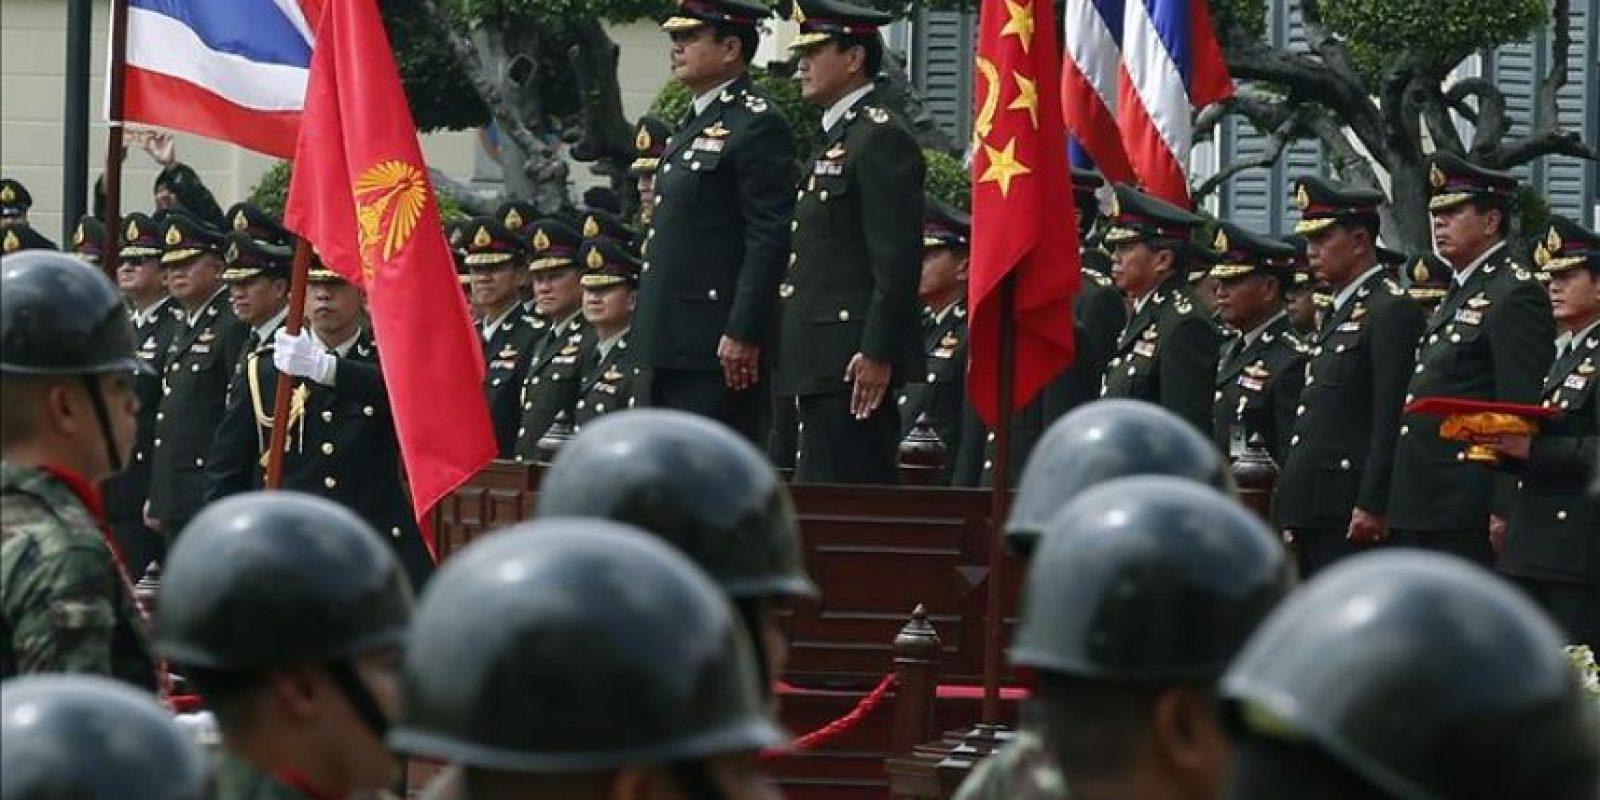 El primer ministro y jefe de la Junta militar, Prayuth Chan-ocha (centro izda), asiste al nombramiento de Udomdej Sitabutr (centro dcha) como nuevo jefe de la Armada en Bangkok, Tailandia, el martes 30 de septiembre de 2014. EFE